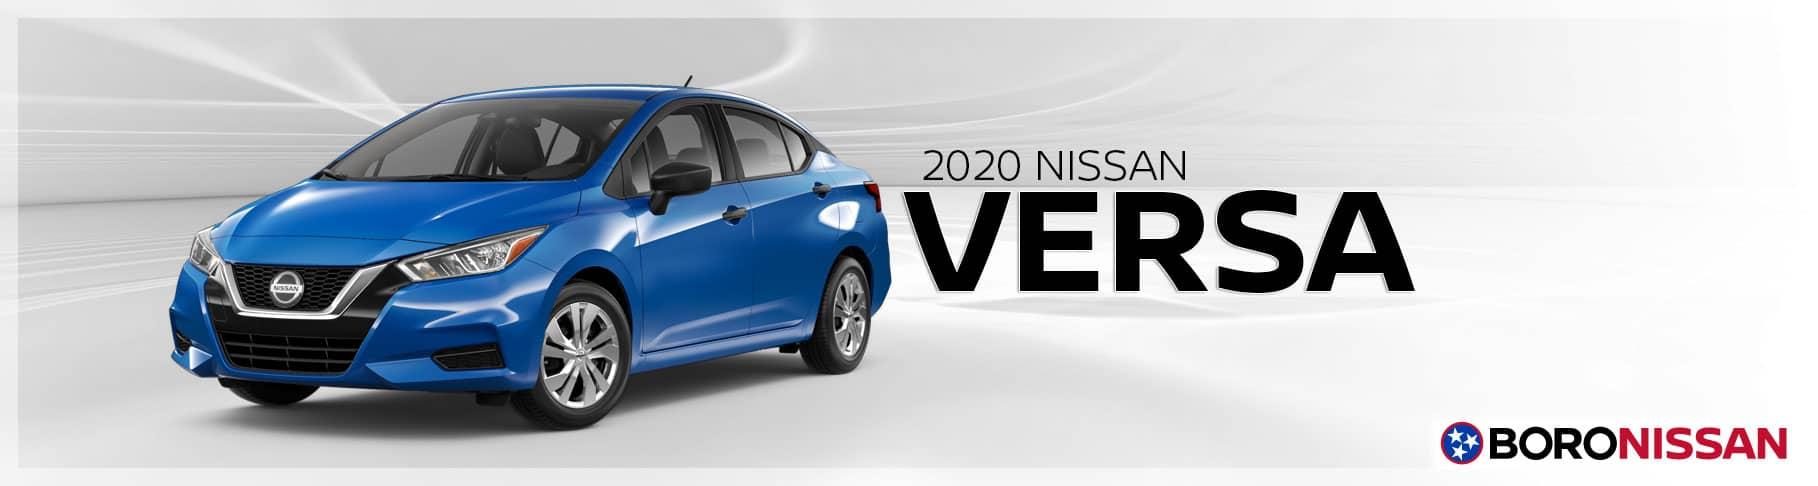 The New 2020 Nissan Versa In Murfreesboro Nissan